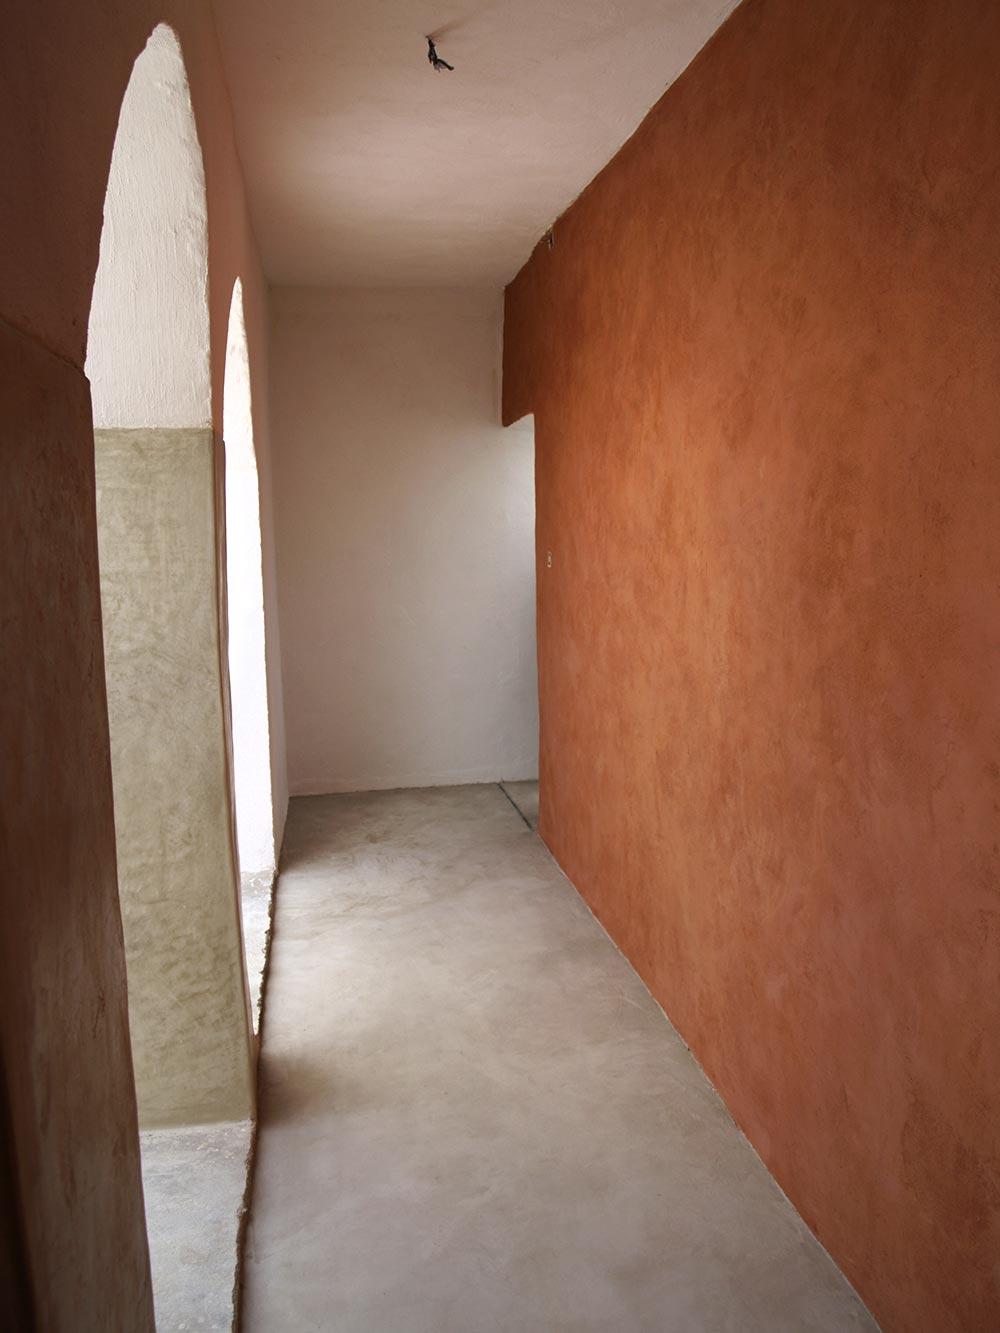 Mur En Enduit De Chaux/sable Tamisé Teinté à Fresco En Rouge Hématite.